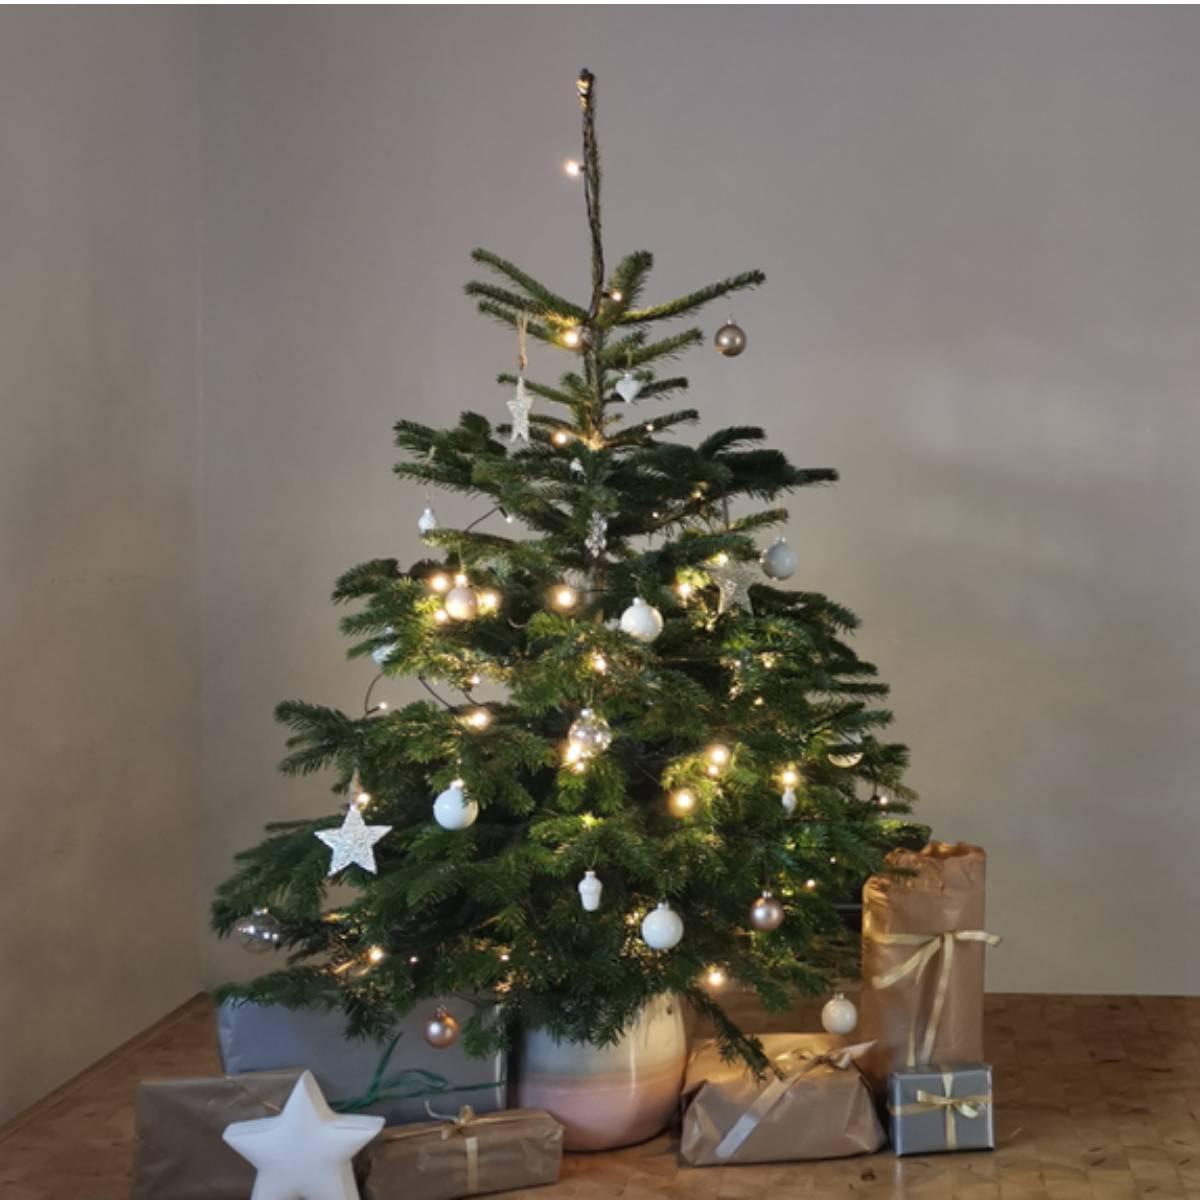 Wundertree Geschenke 2